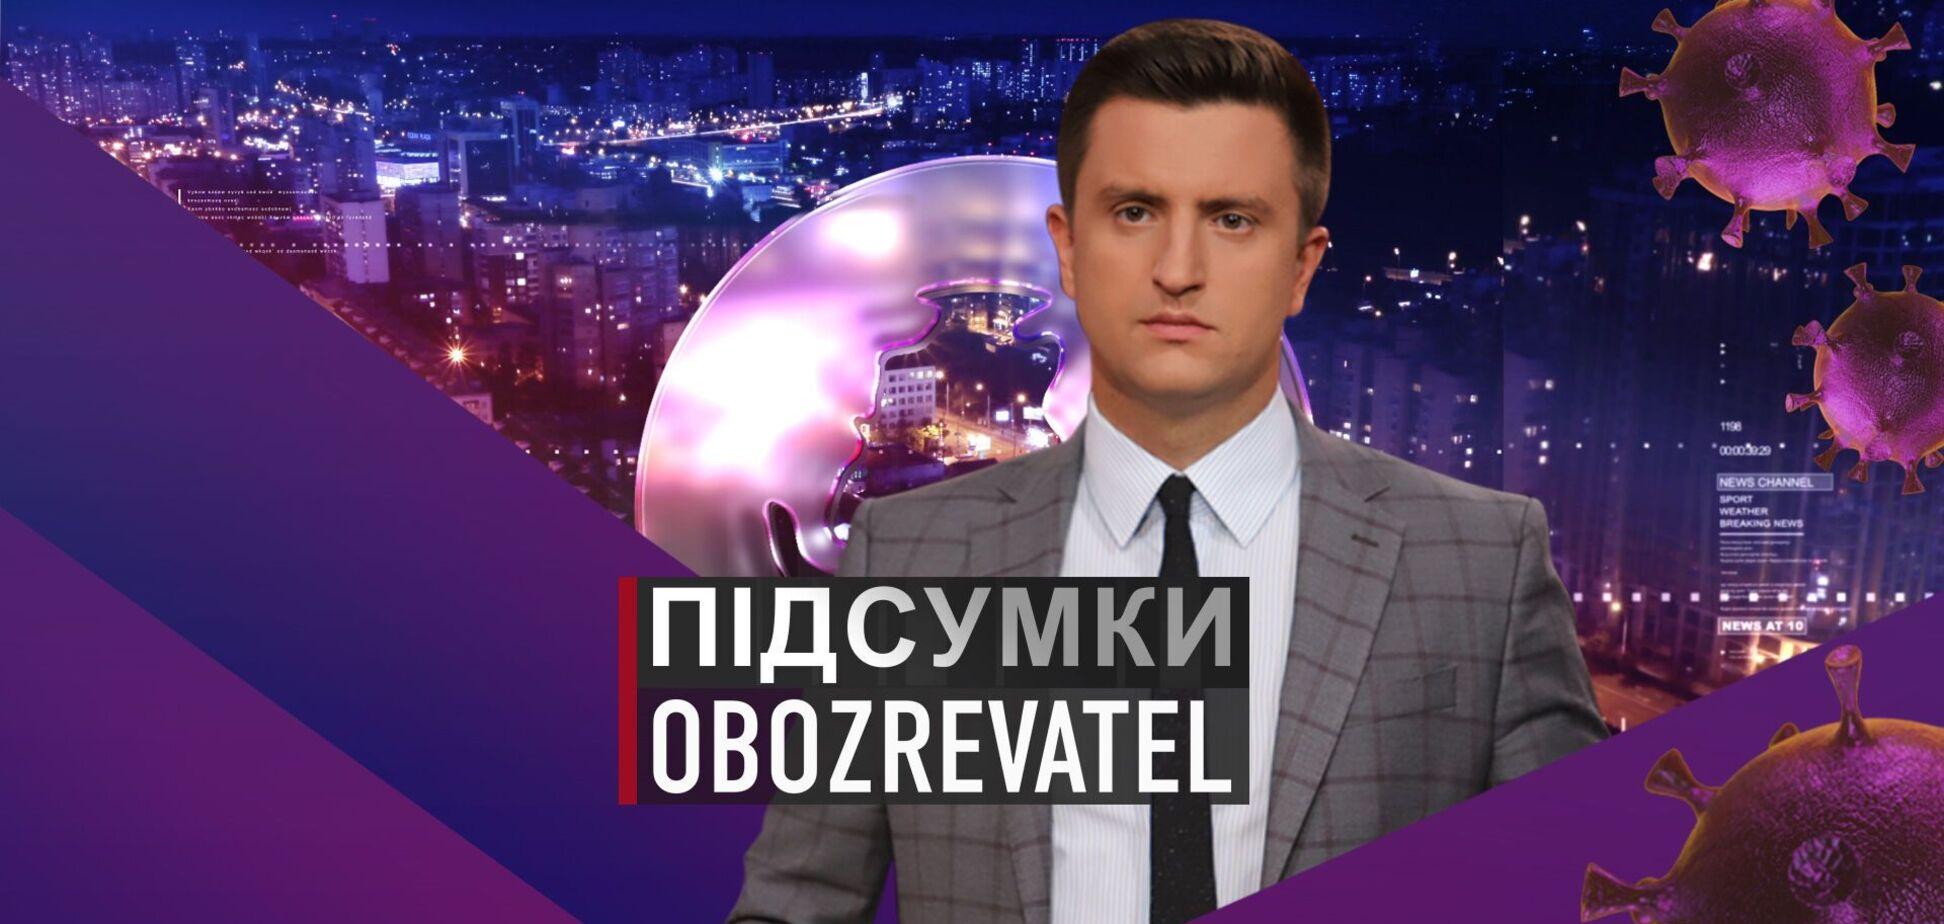 Підсумки с Вадимом Колодийчуком. Вторник, 17 августа